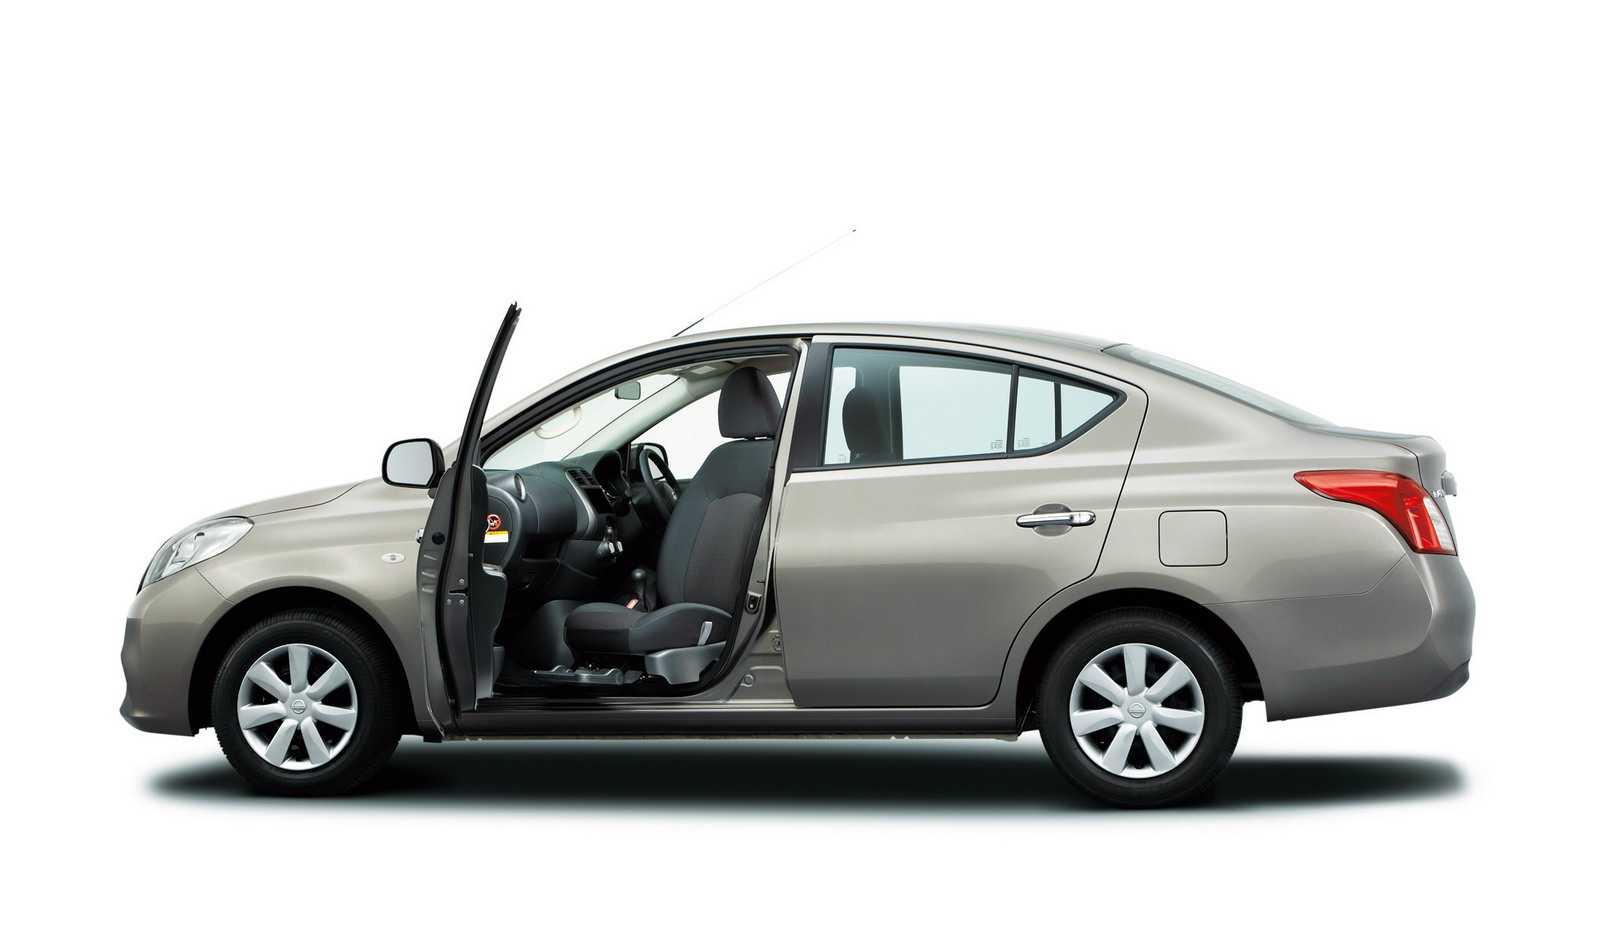 Электростул, новый «эвик» и wrx: самые причудливые концепты токийского автосалона — автоновости омска